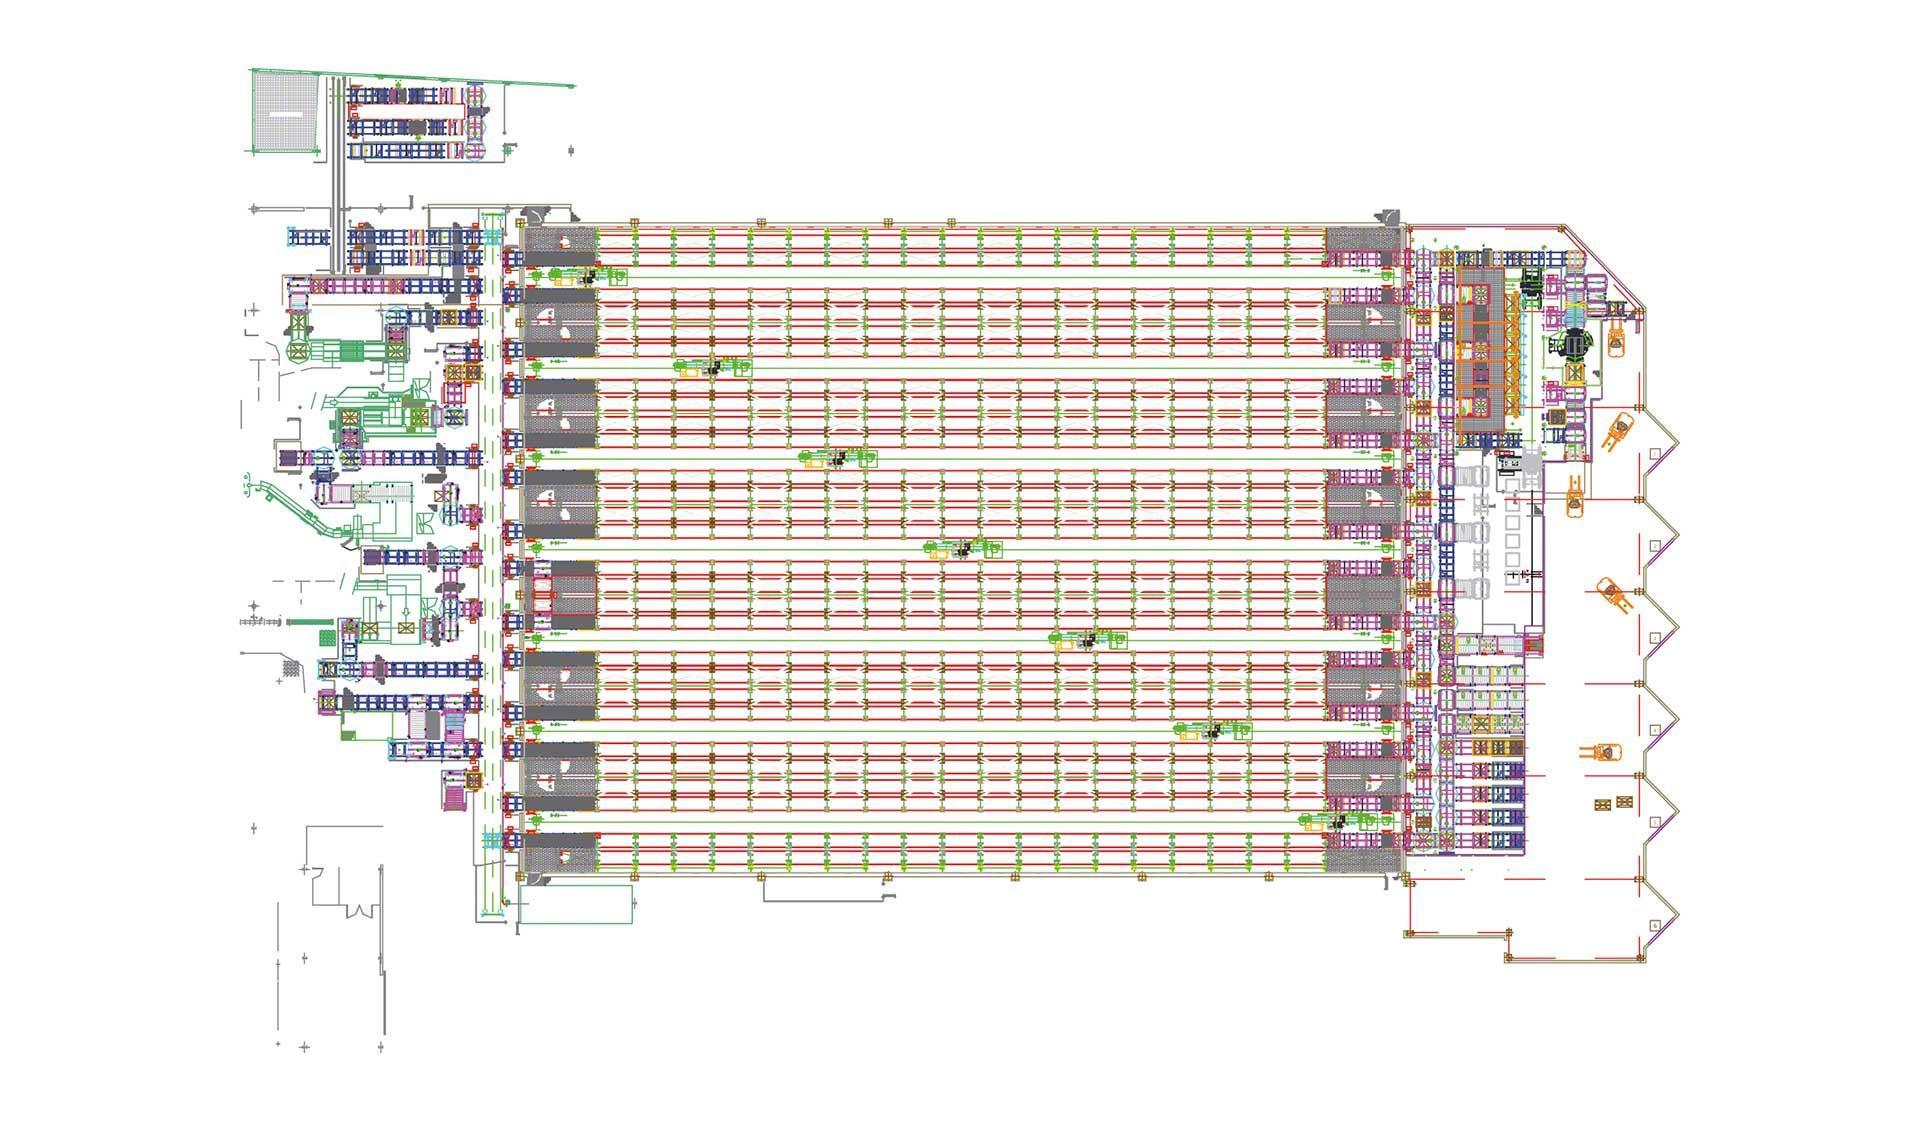 Analyser les zones de l'entrepôt efficacement aide à identifier les éléments à améliorer.